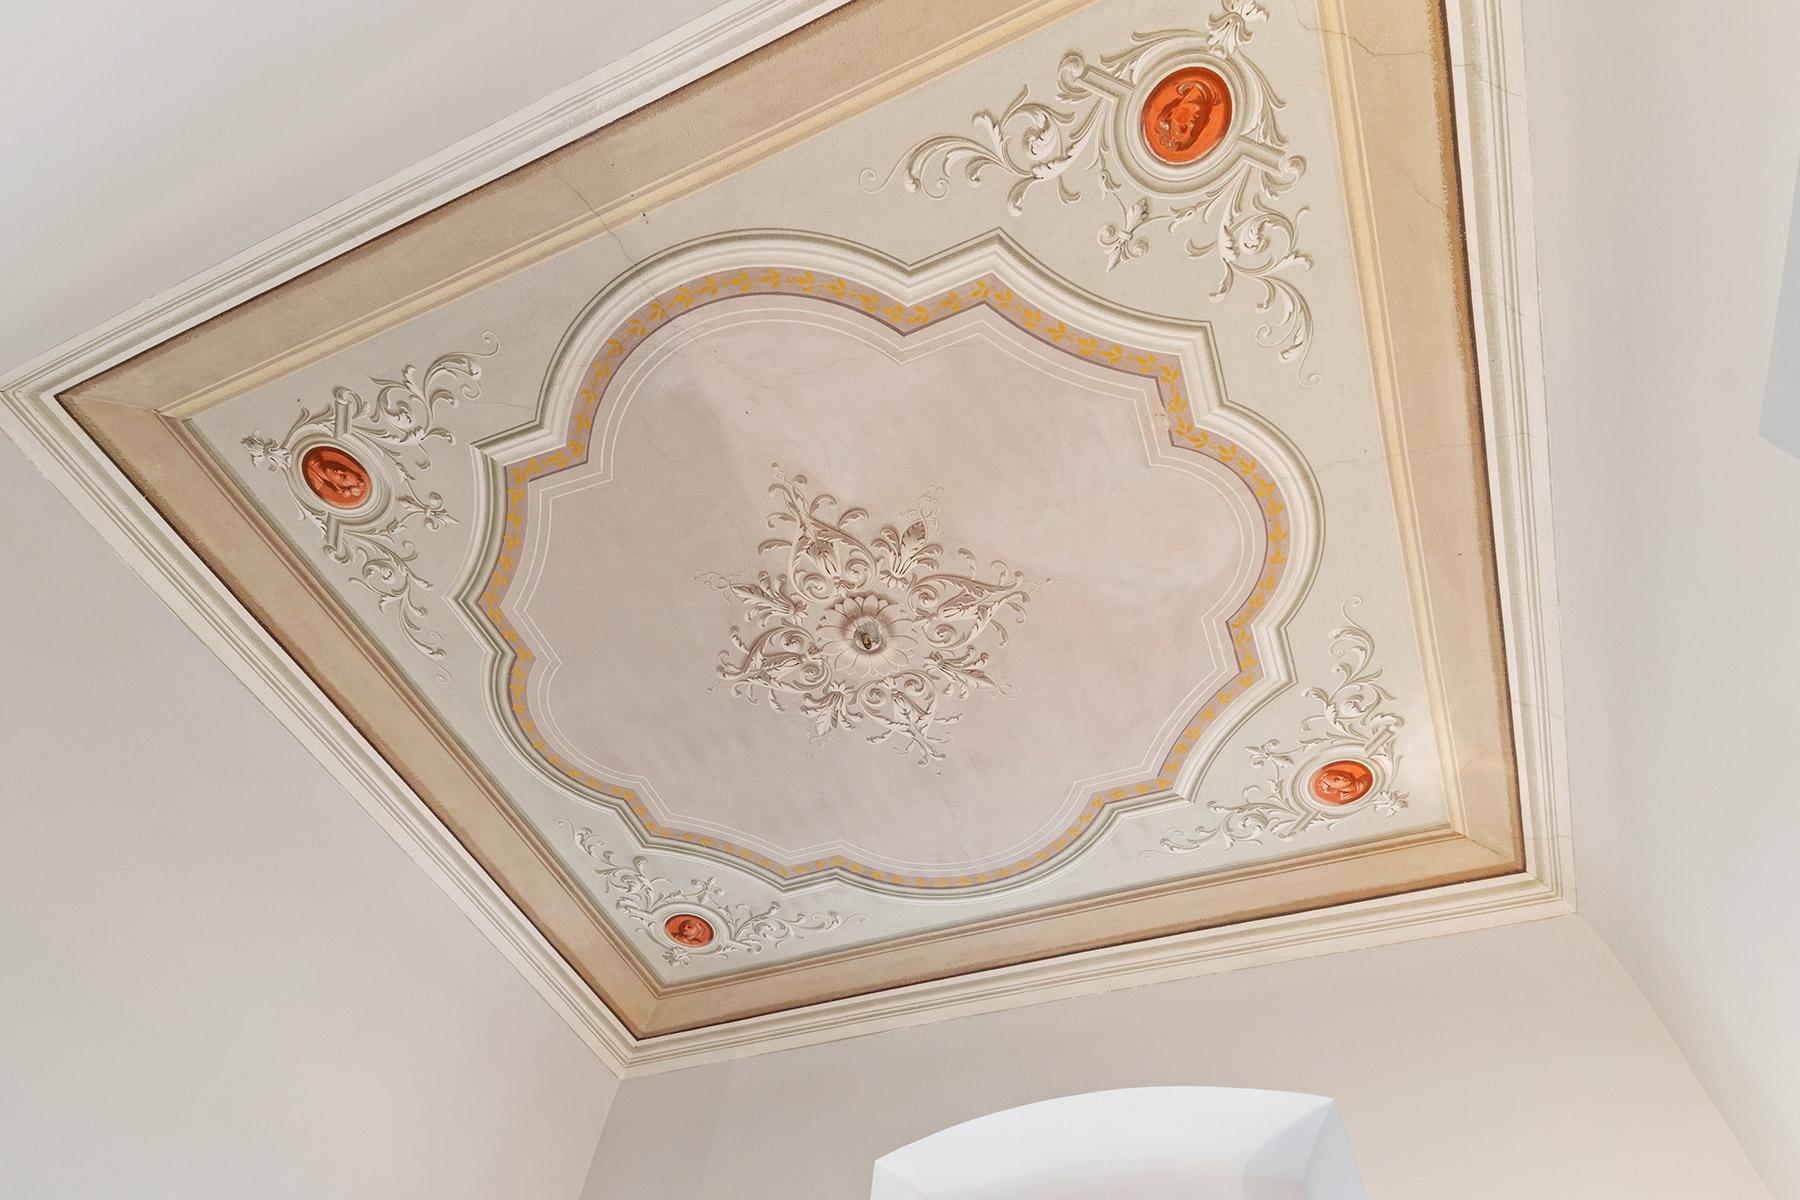 Appartamento in Vendita a Santa Margherita Ligure: 5 locali, 150 mq - Foto 12